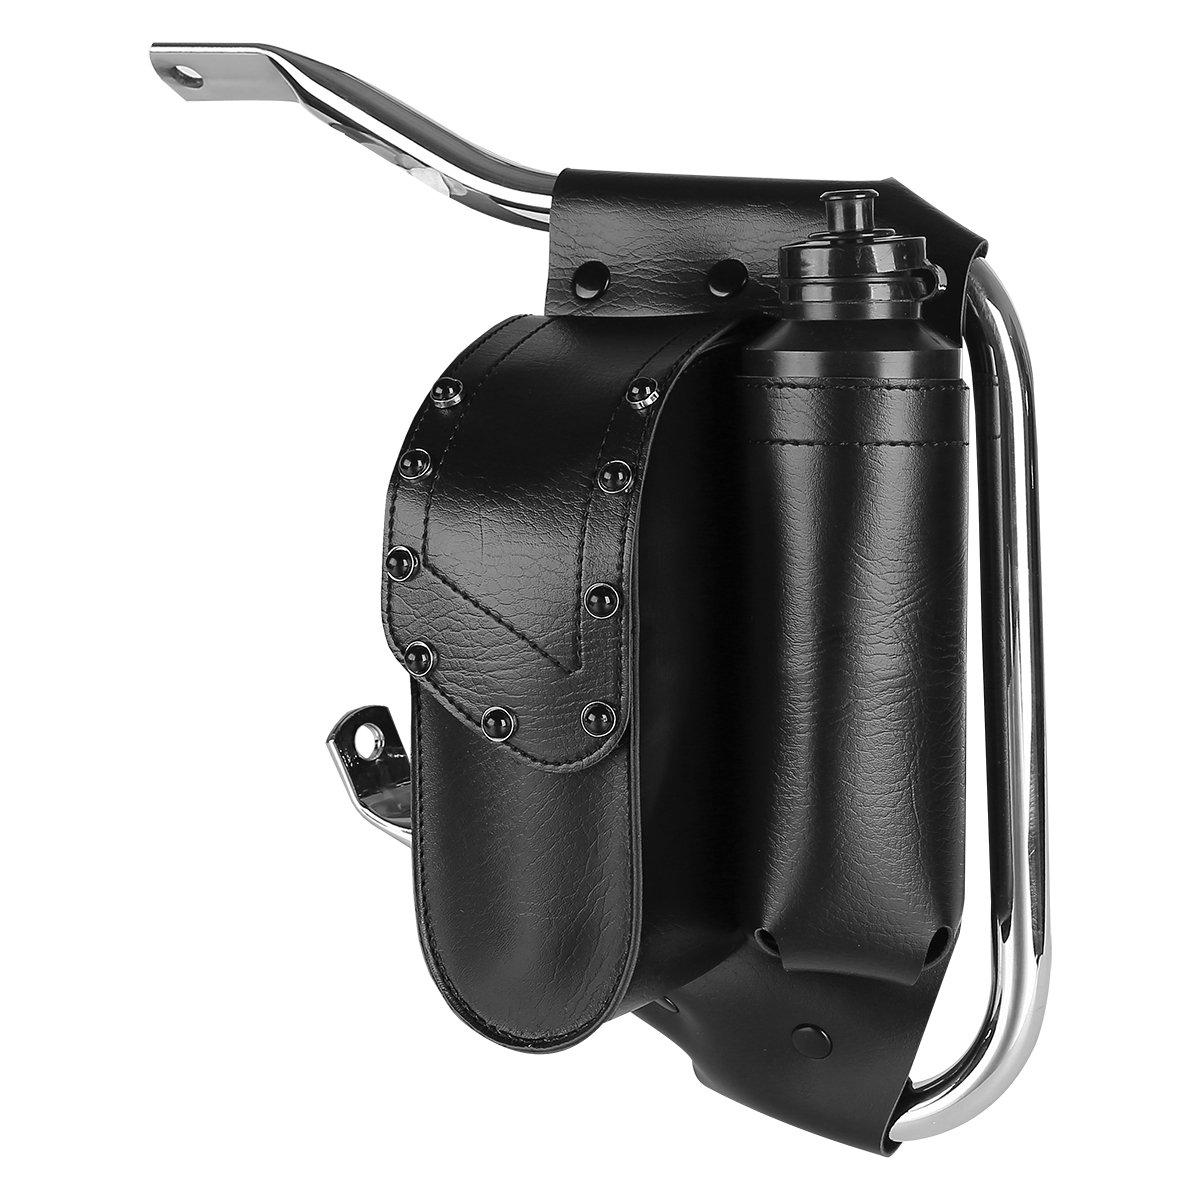 Electra Glides Road Glides XMT-MOTO Saddlebag Guard Bag W//Water Bottle Holder For Most of Harley Touring models With crash bars Road King